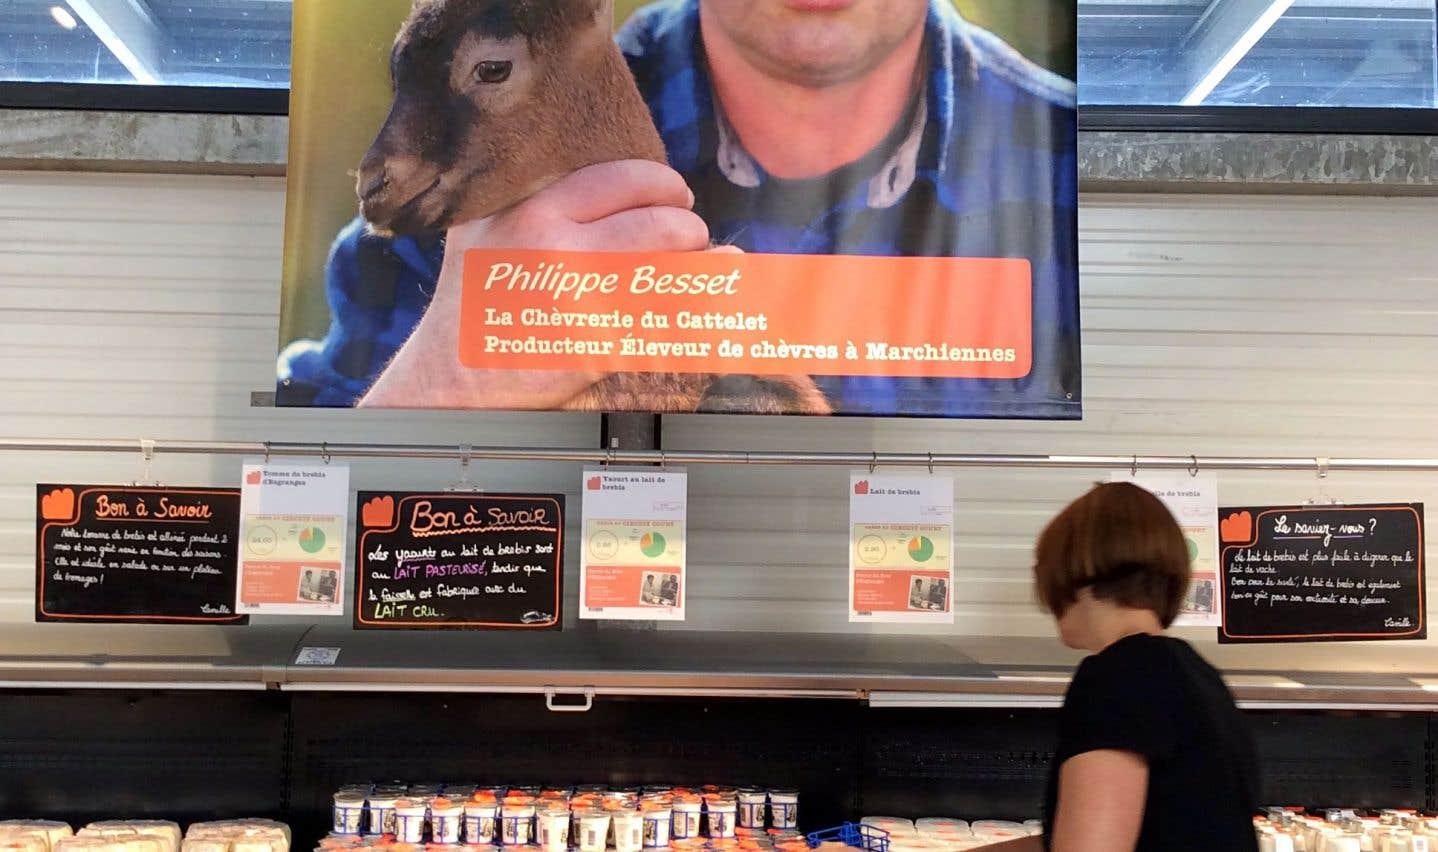 La formule réinterprétée du supermarché